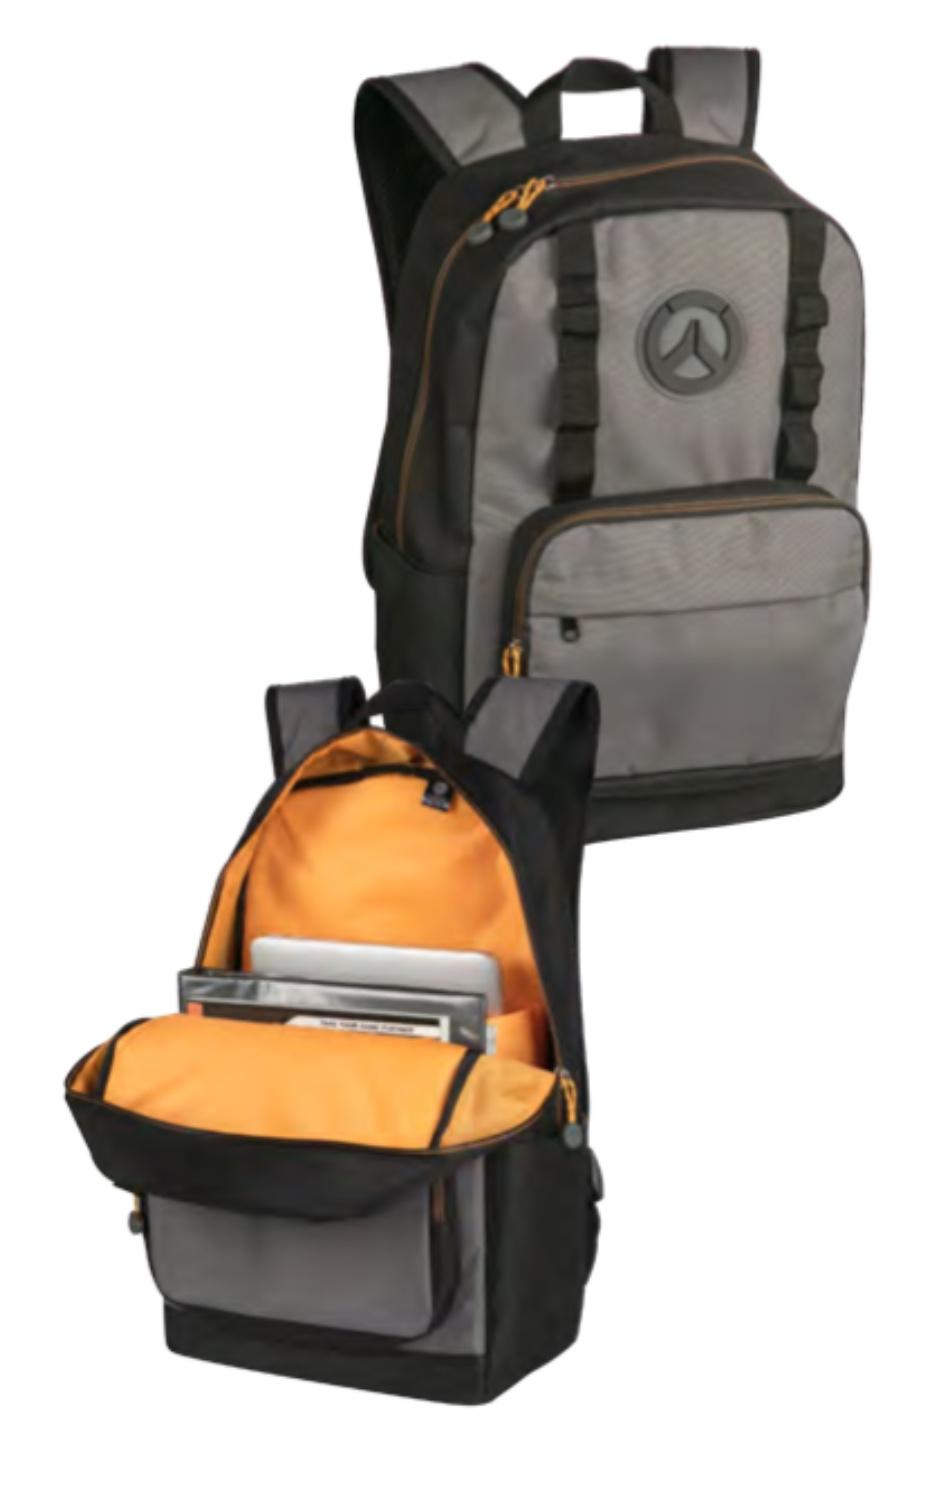 Travel Backpacks & Rucksacks JINX OVERWATCH PAYLOAD BACKPACK